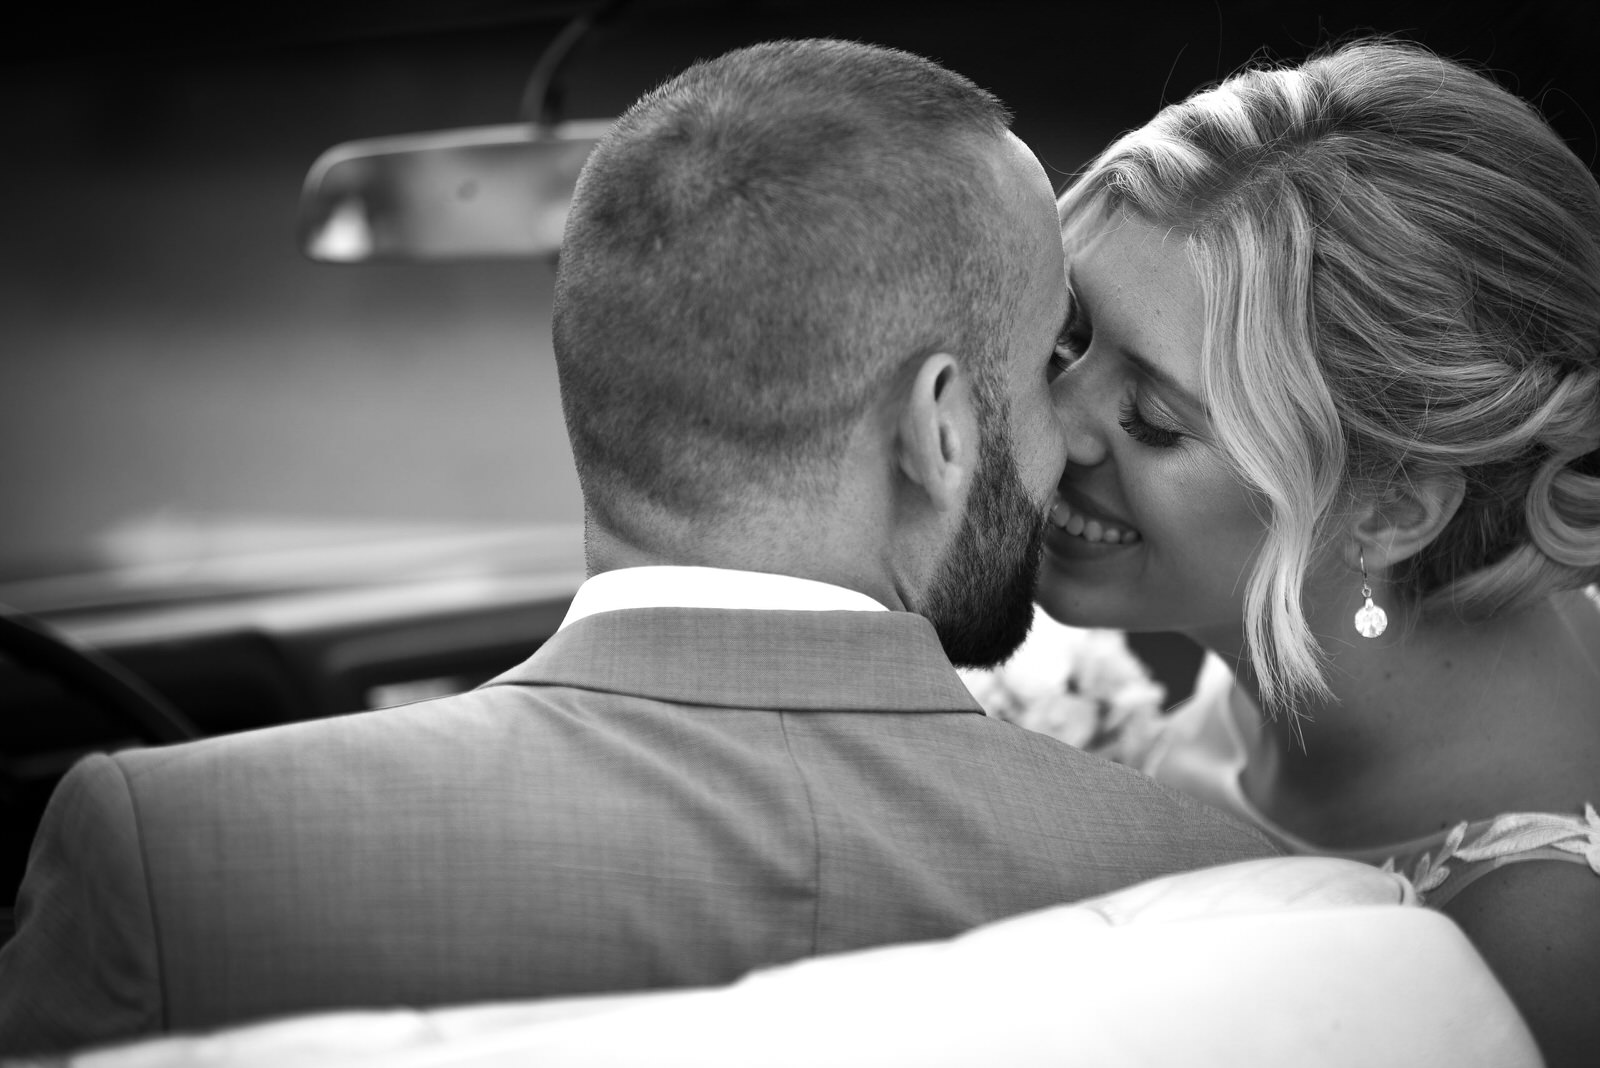 Fotografie-Hochzeit-Hochzeitsauto-Kuss-g